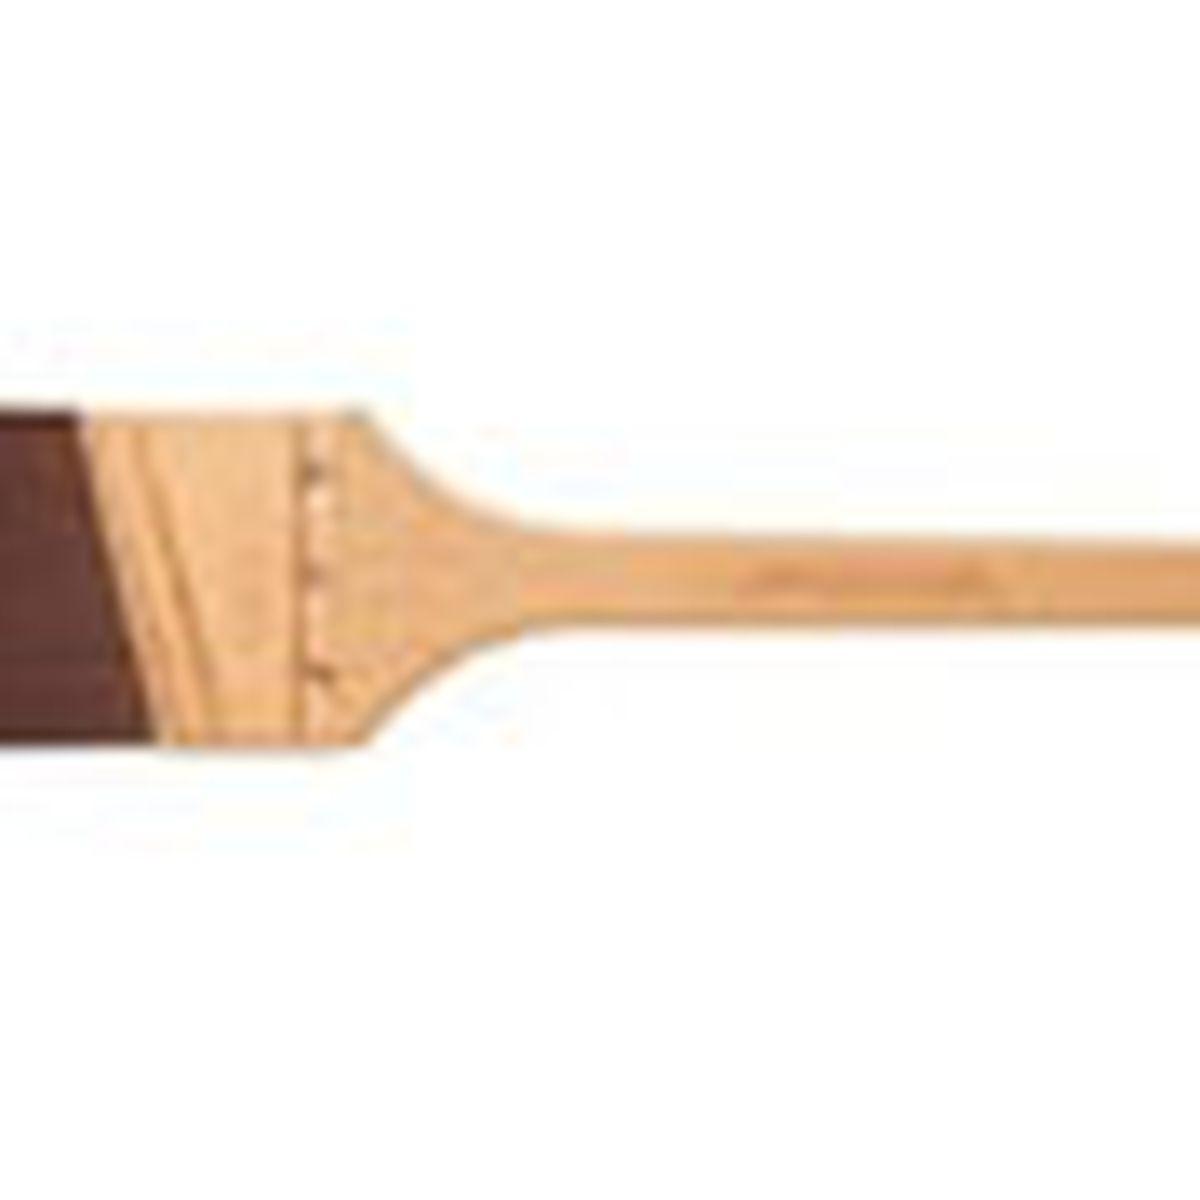 3-inch angled paintbrush